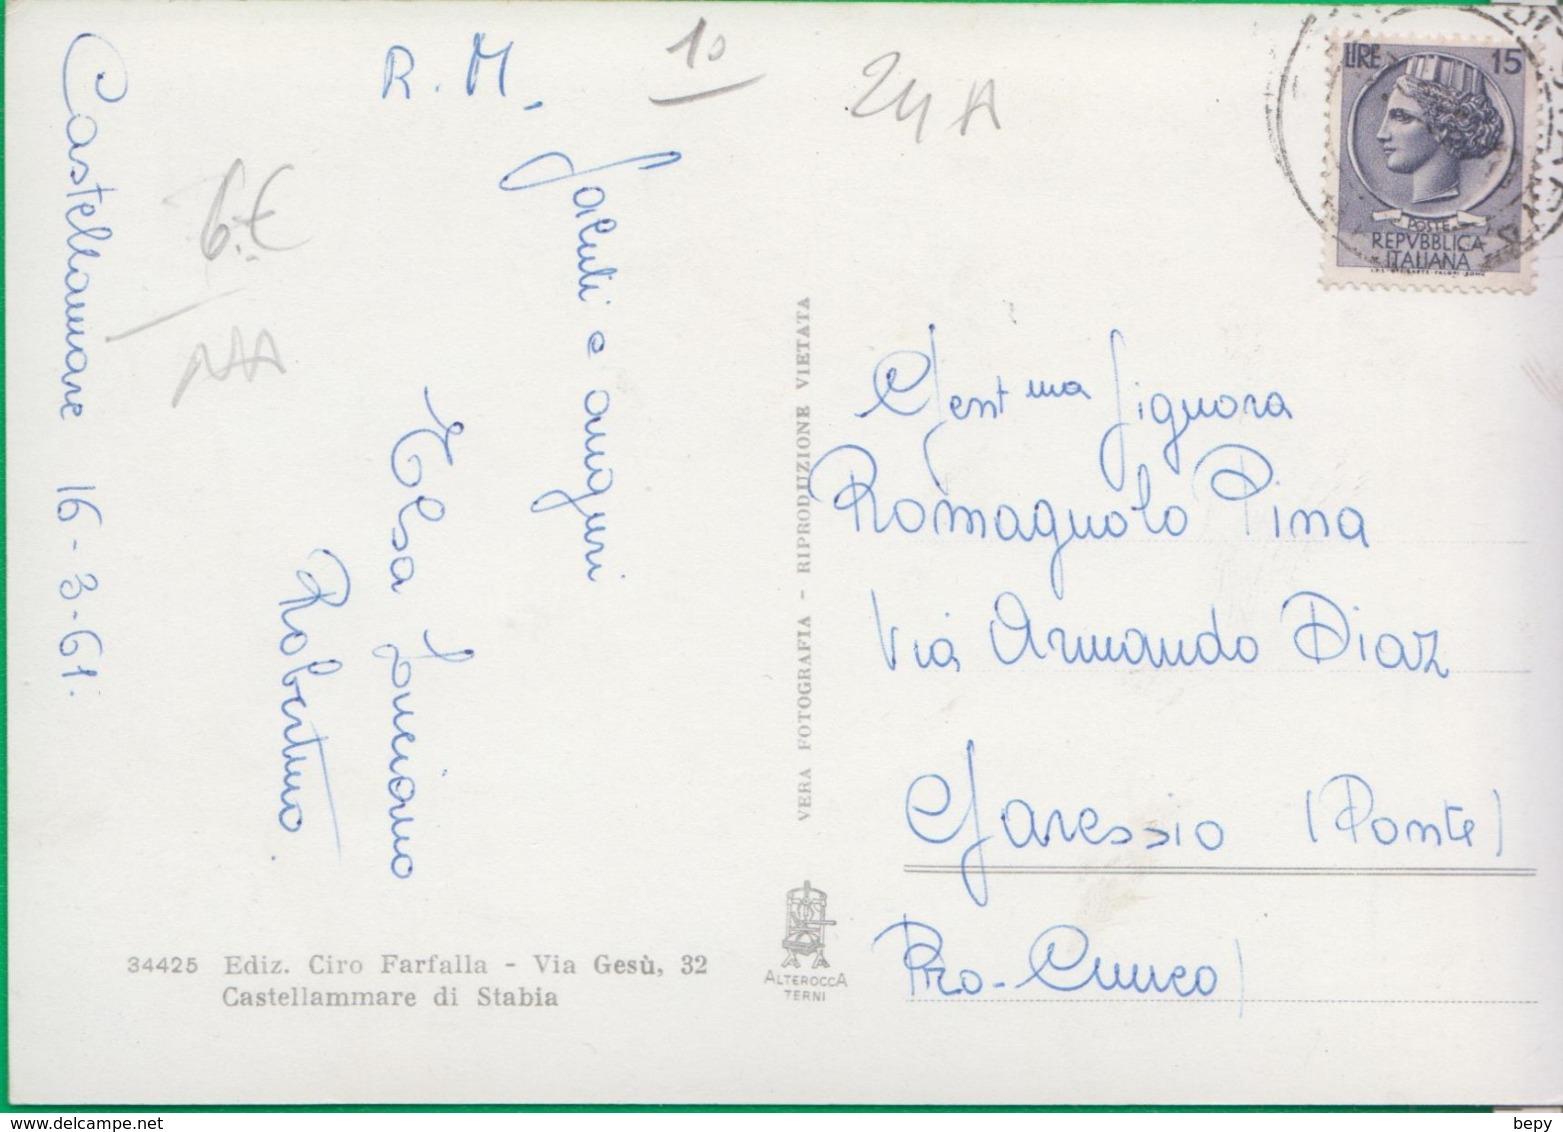 CASTELLAMMARE DI STABIA. Piazza Principe Umberto. Pulman. Autobus. 24a - Napoli (Naples)